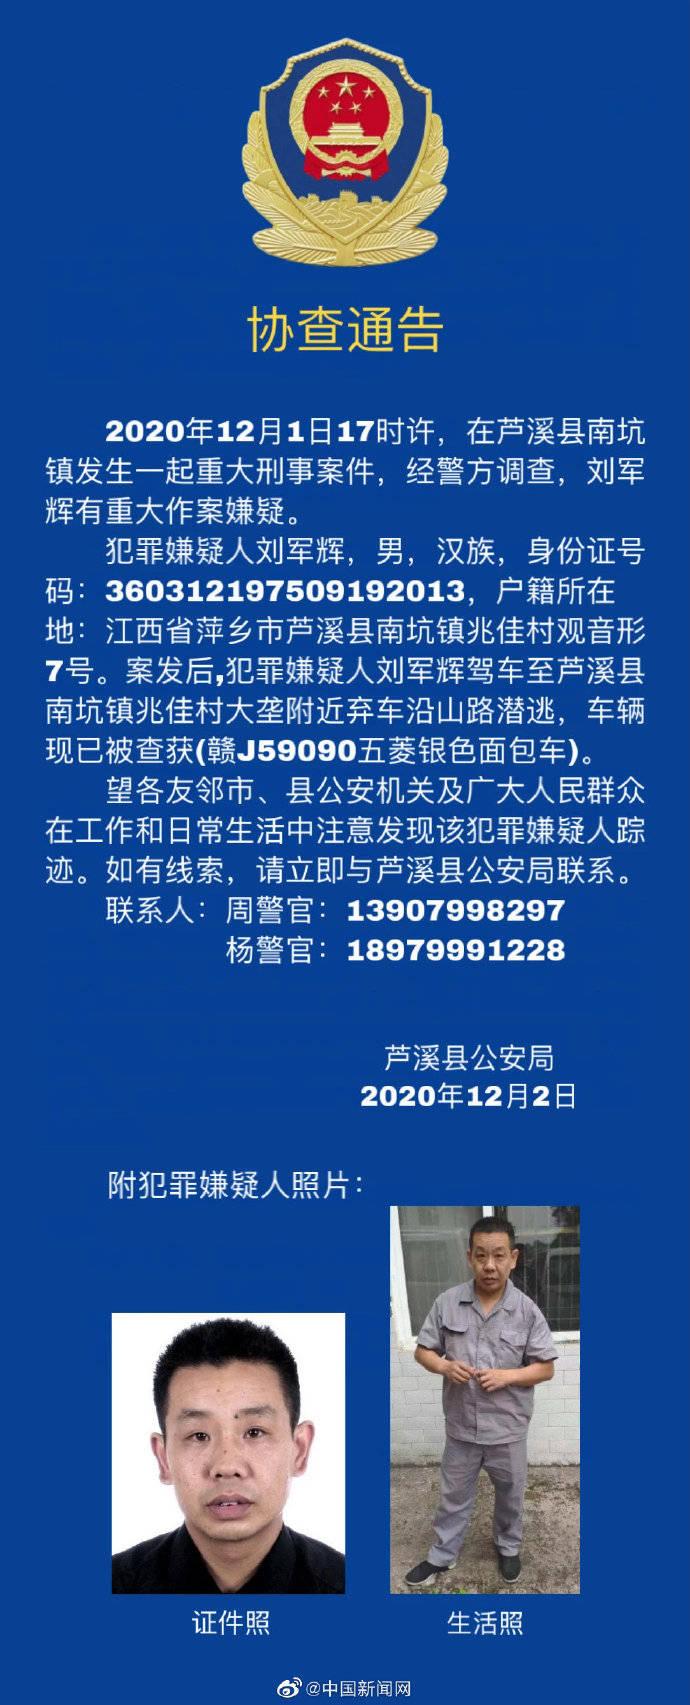 江西芦溪发生重大刑事案件 江西芦溪嫌疑人刘军辉做了什么事?